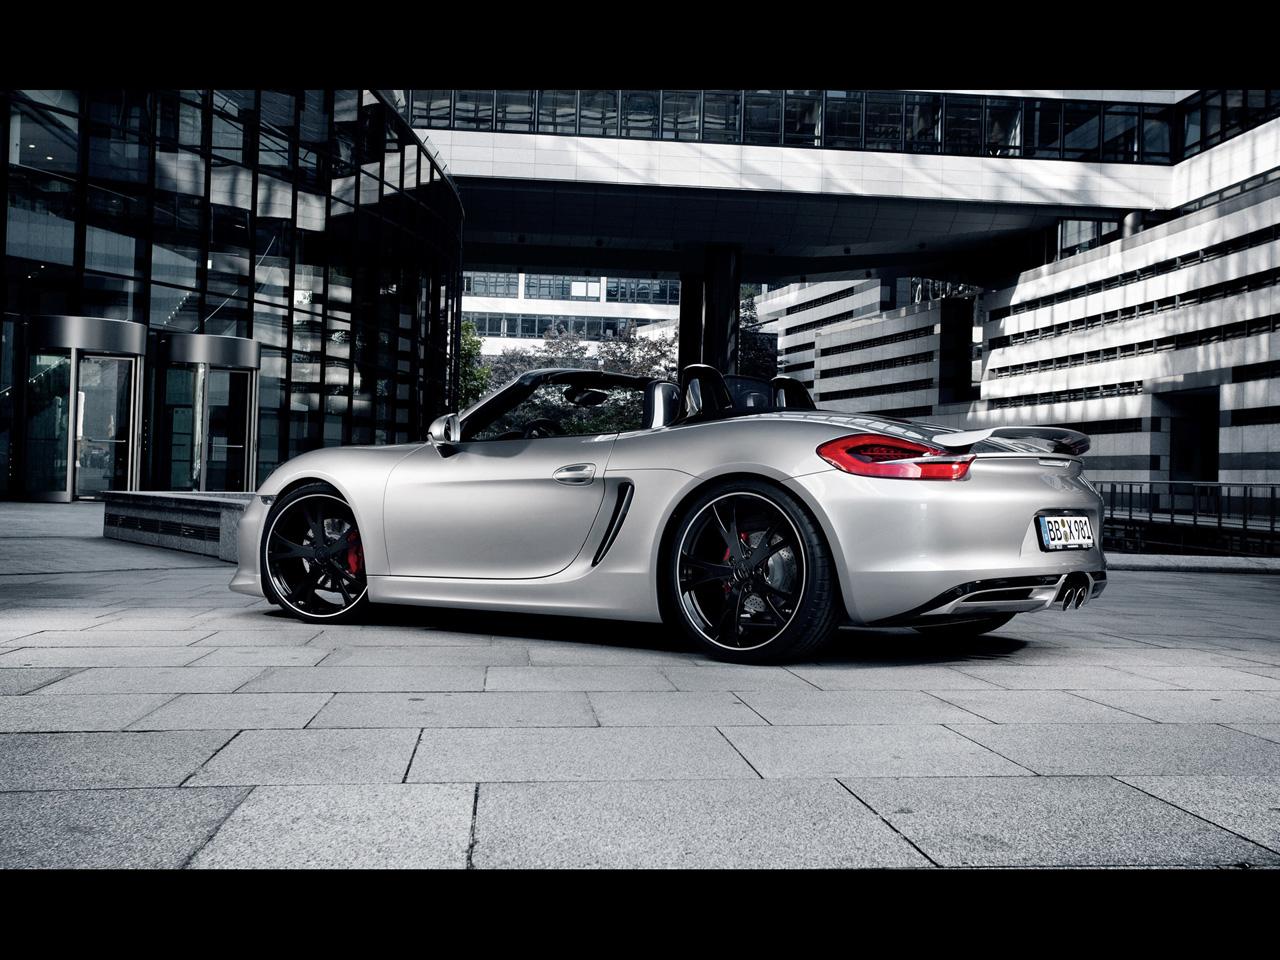 2013 TechArt Porsche Boxster Wallpapers ...